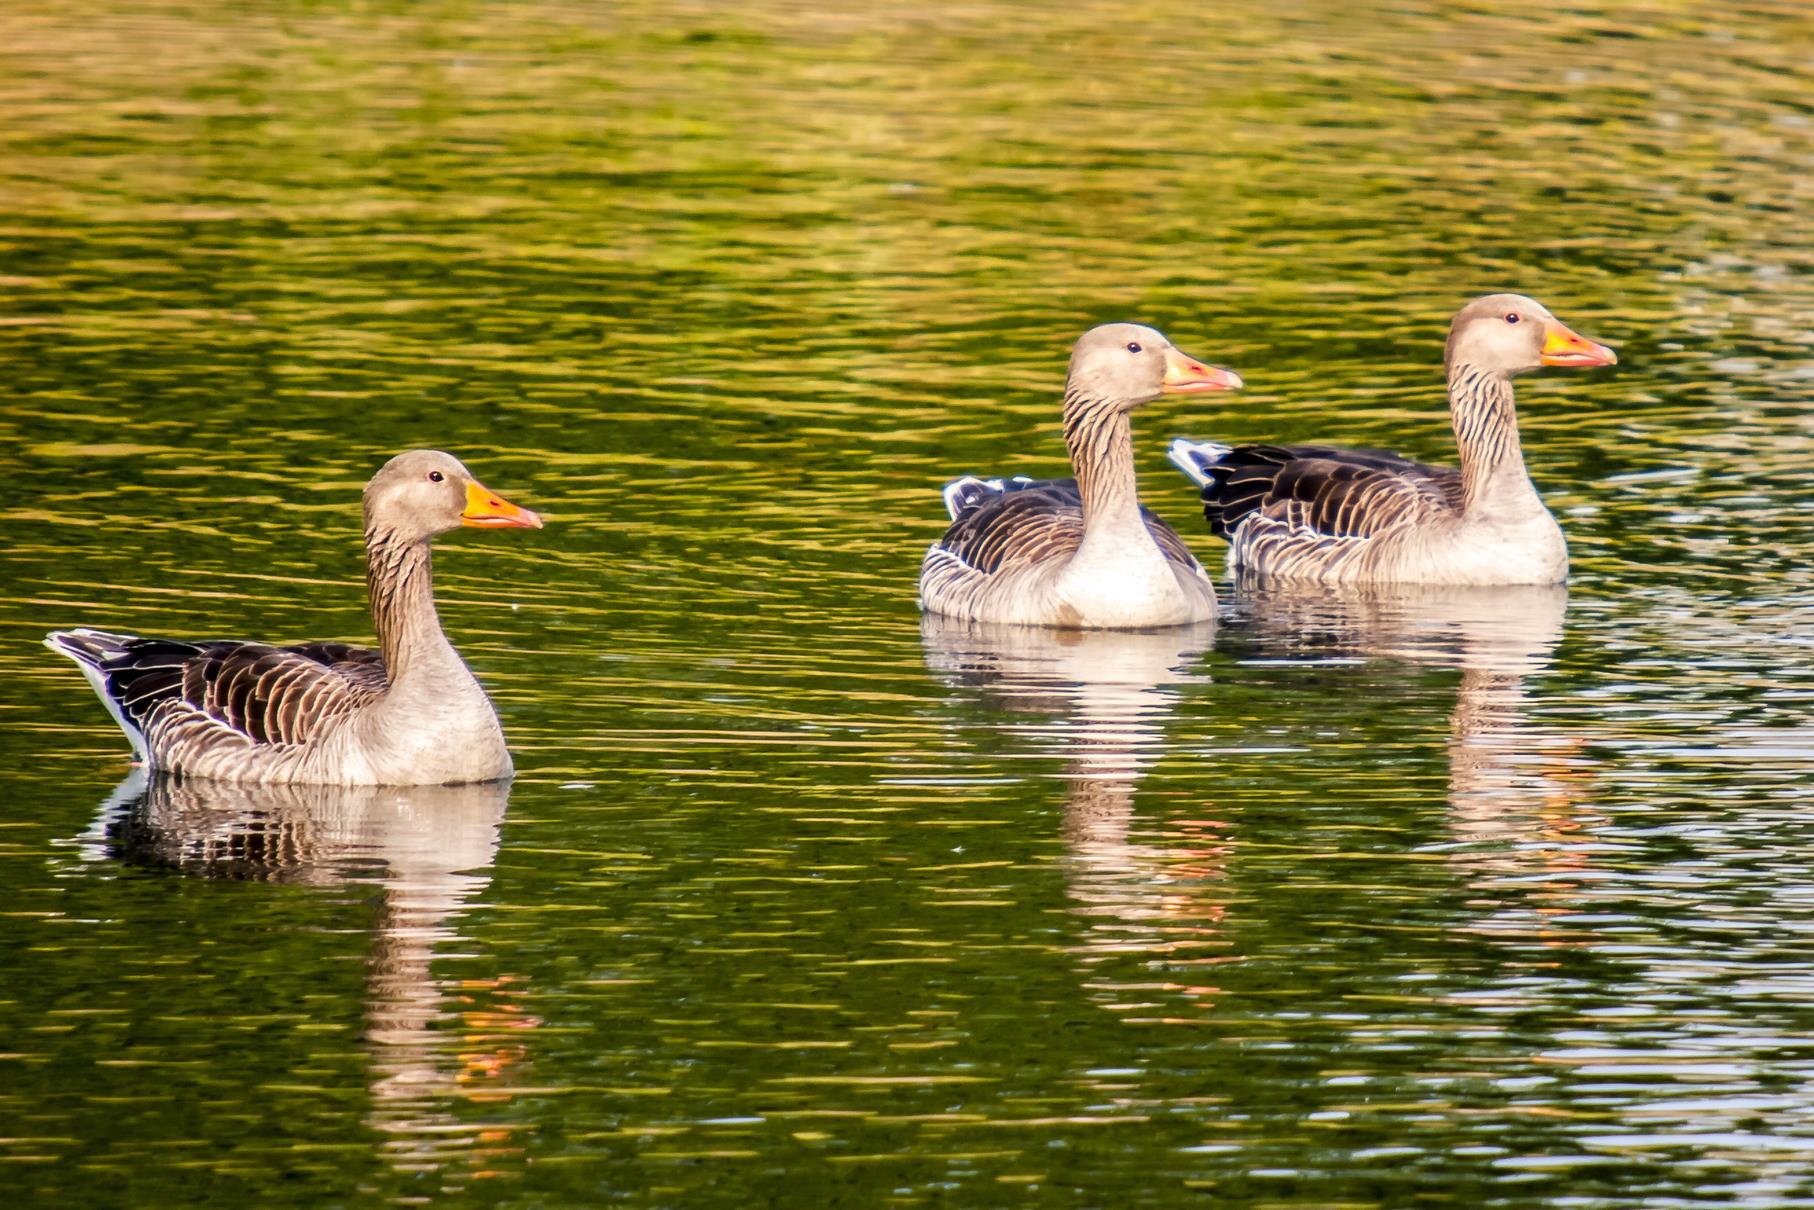 Drei schwimmende Graugänse in der Nähe des Badestrandes am mittleren Teich.